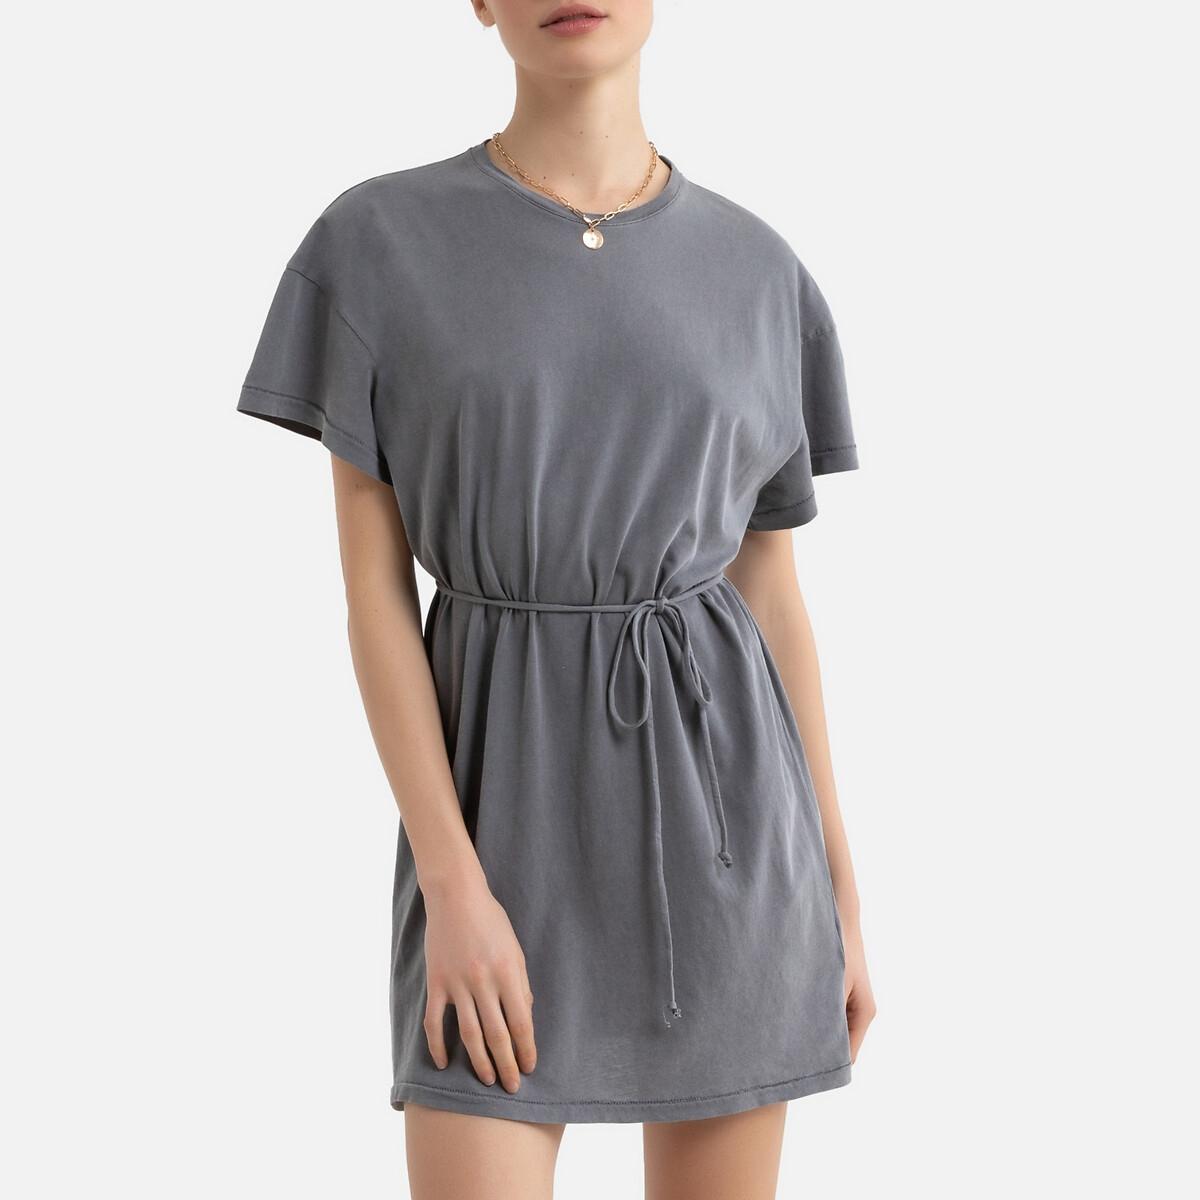 Платье LaRedoute С короткими рукавами из биохлопка VEGIFLOWER M серый футболка laredoute из биохлопка с короткими рукавами vegiflower m зеленый